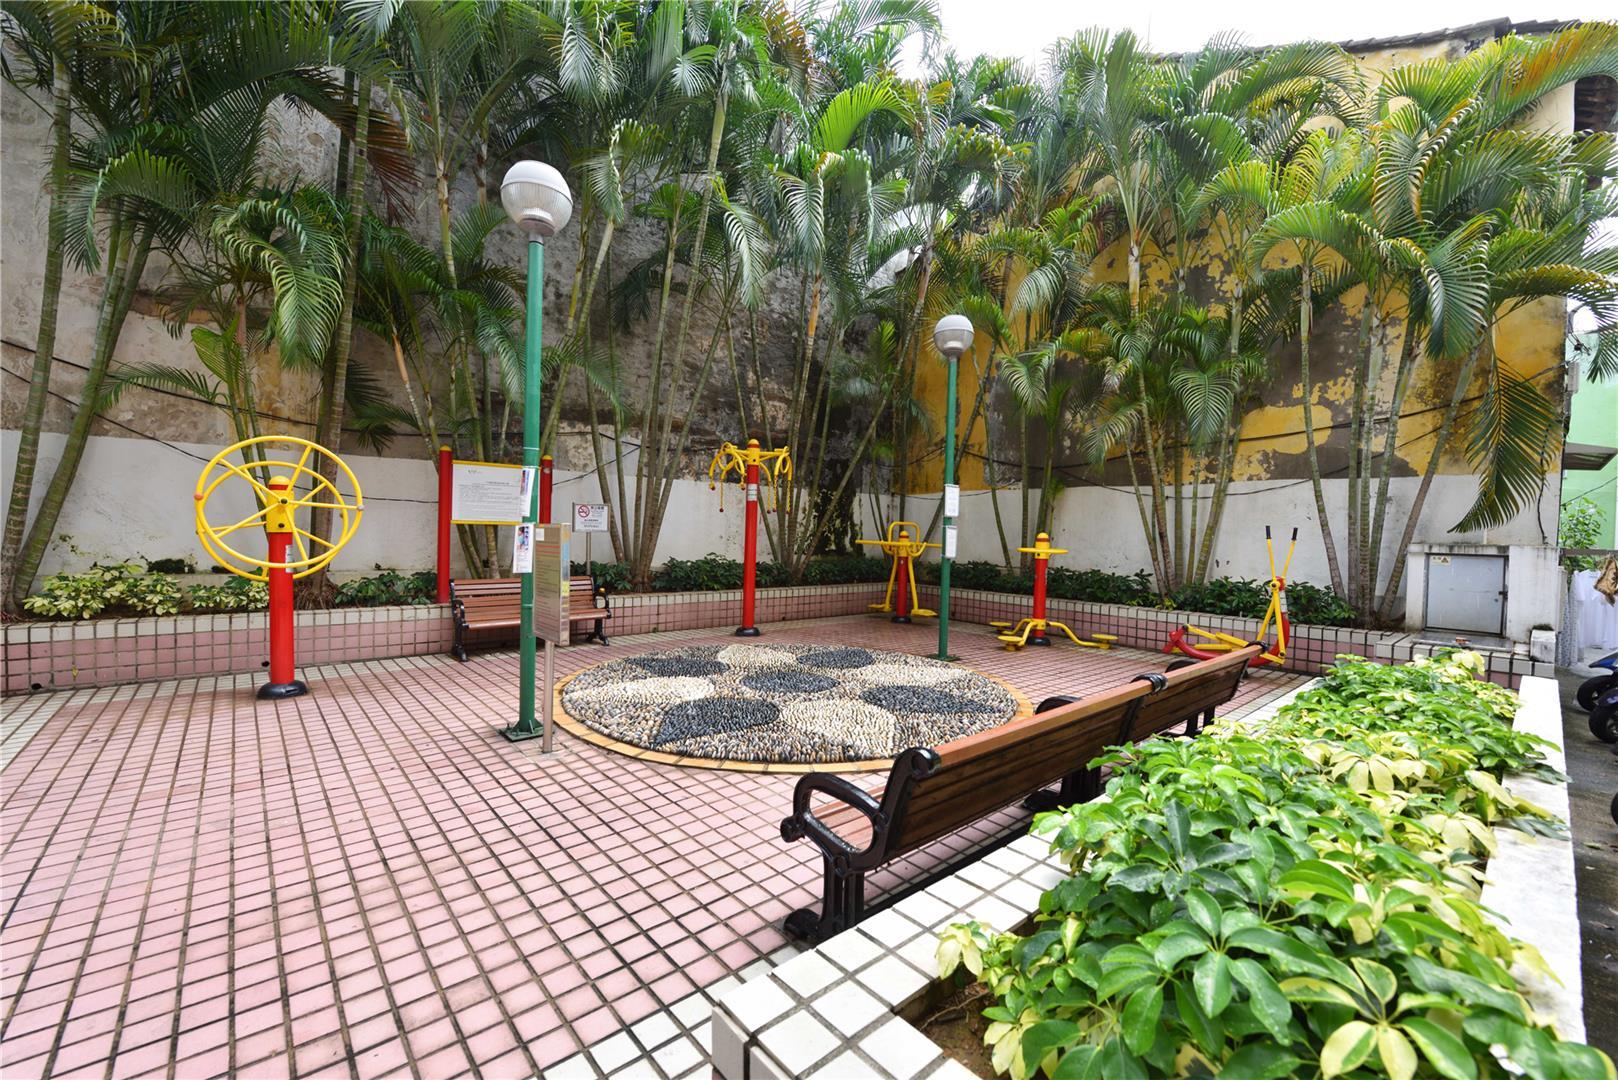 Temporary Leisure Area in Beco da Ostra